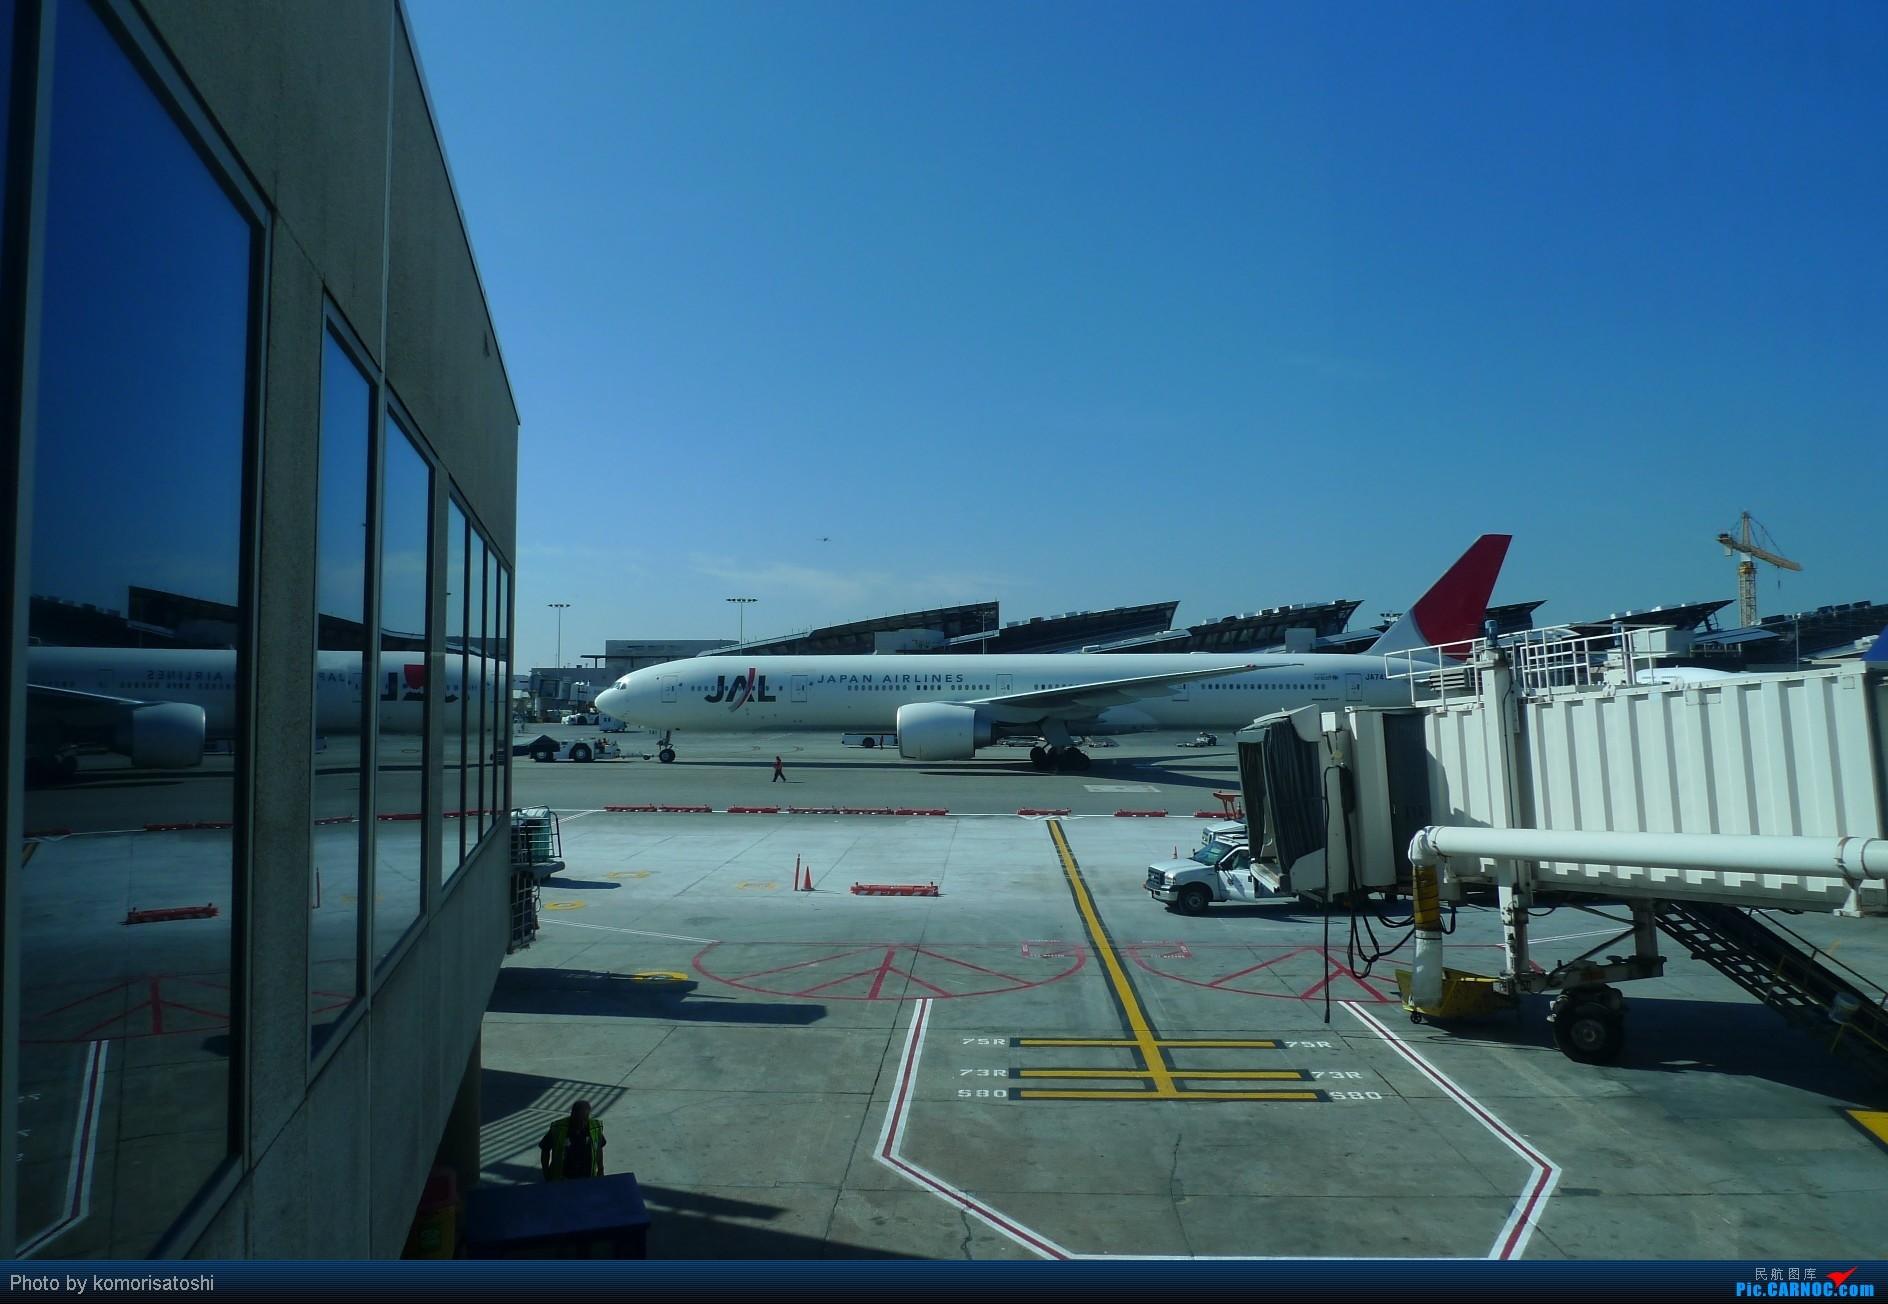 Re:[原创]新手第一帖,LAX随拍+AA183,767小翼好漂亮、、、、、 BOEING 777-300 JA741J